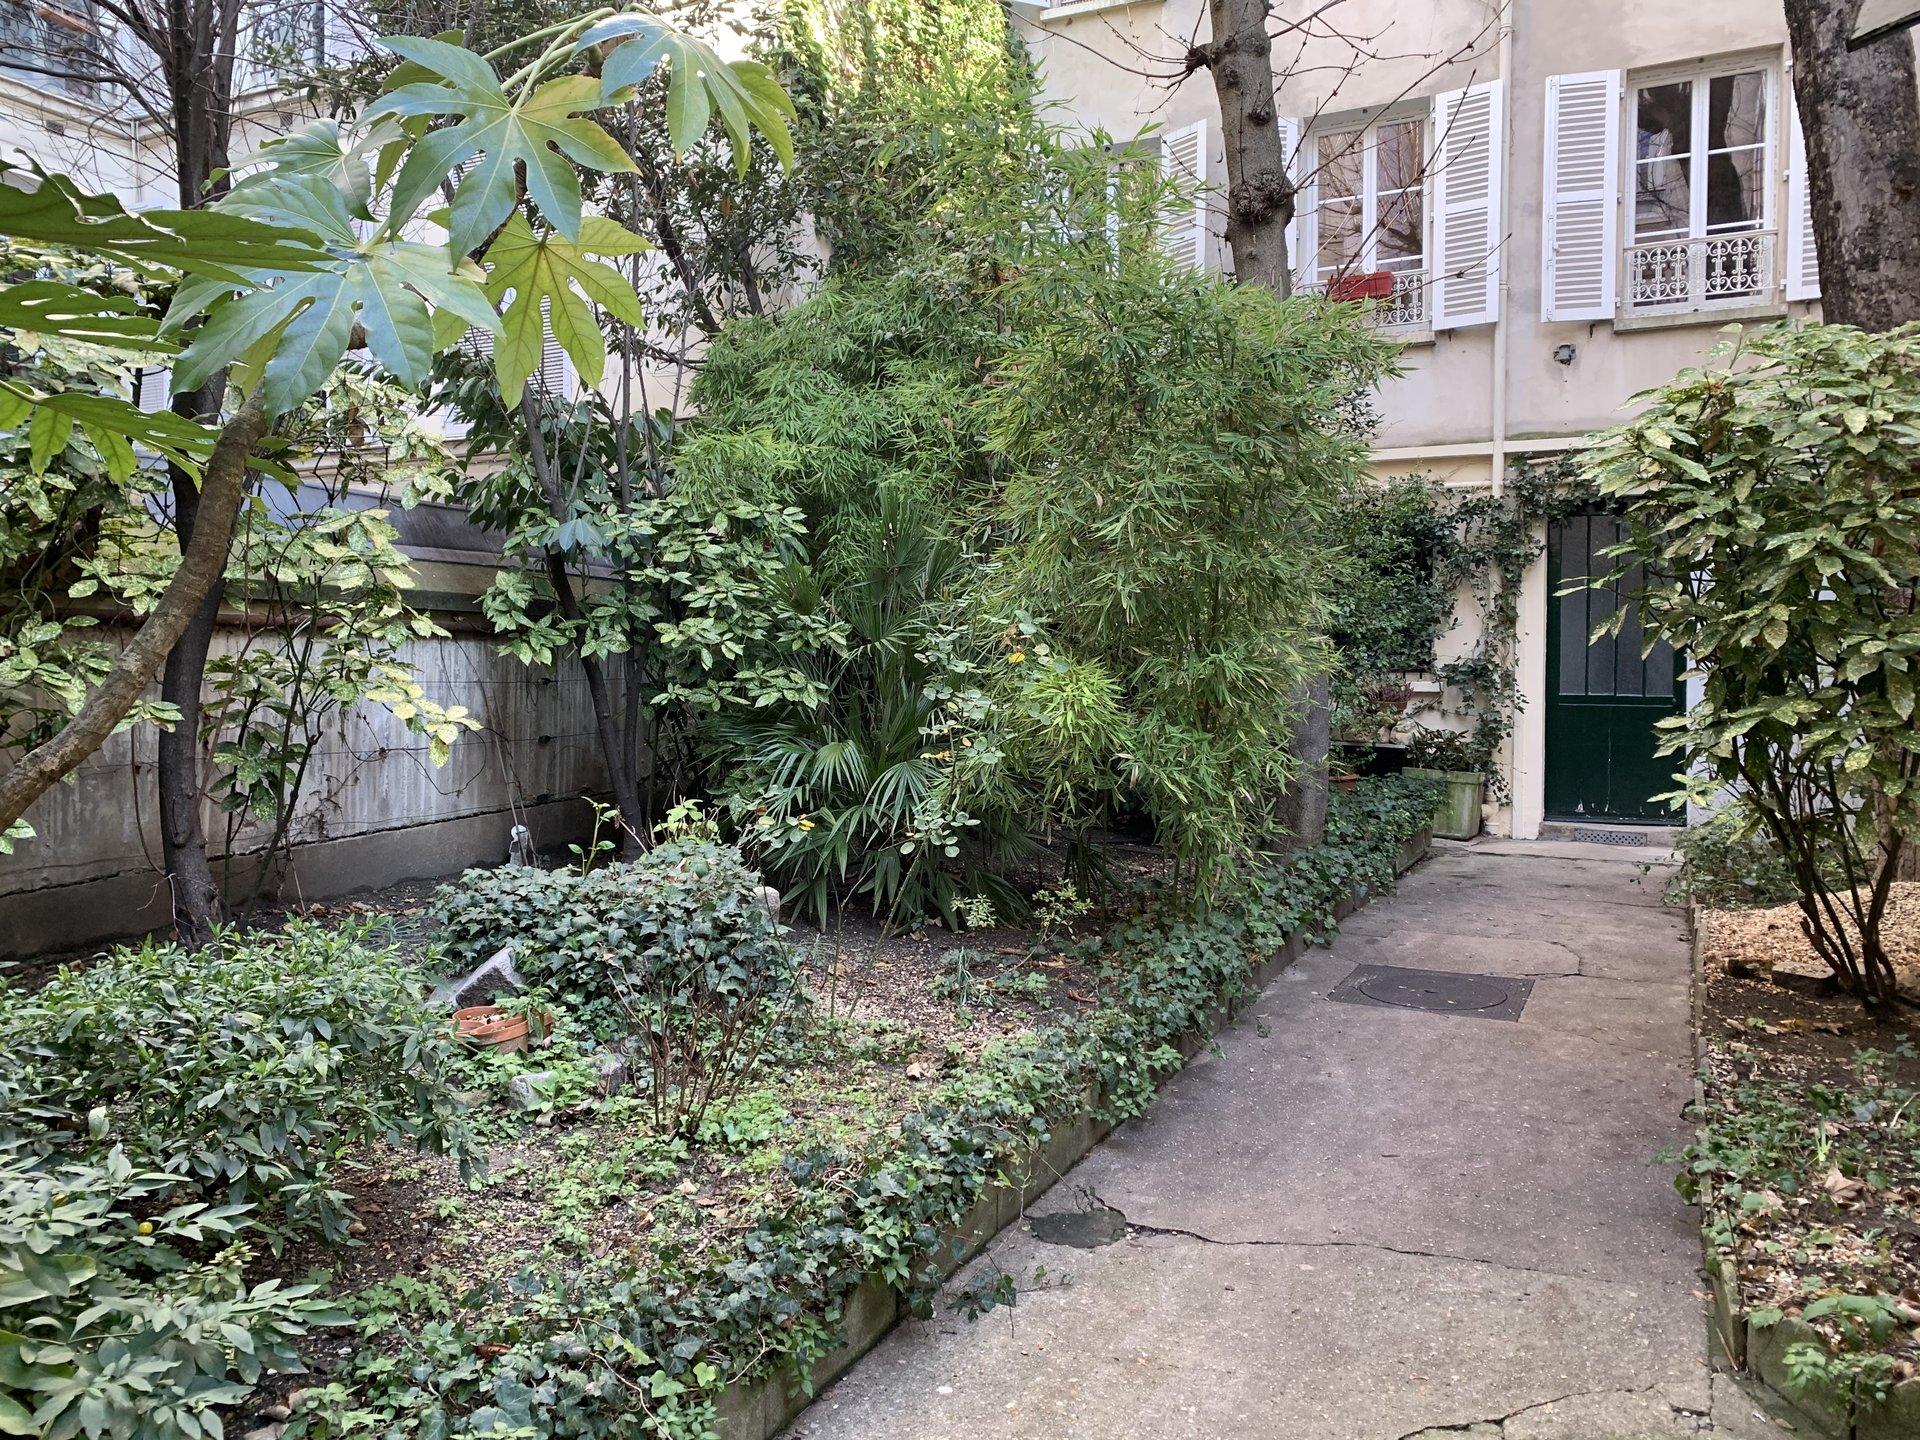 Paris - XVII ème - BATIGNOLLES - MAISON SUR JARDIN - REFAITE À NEUF PAR ARCHITECTE - SOLEIL - CADRE VERDOYANT - CALME - ADRESSE TRÈS RECHERCHÉE.